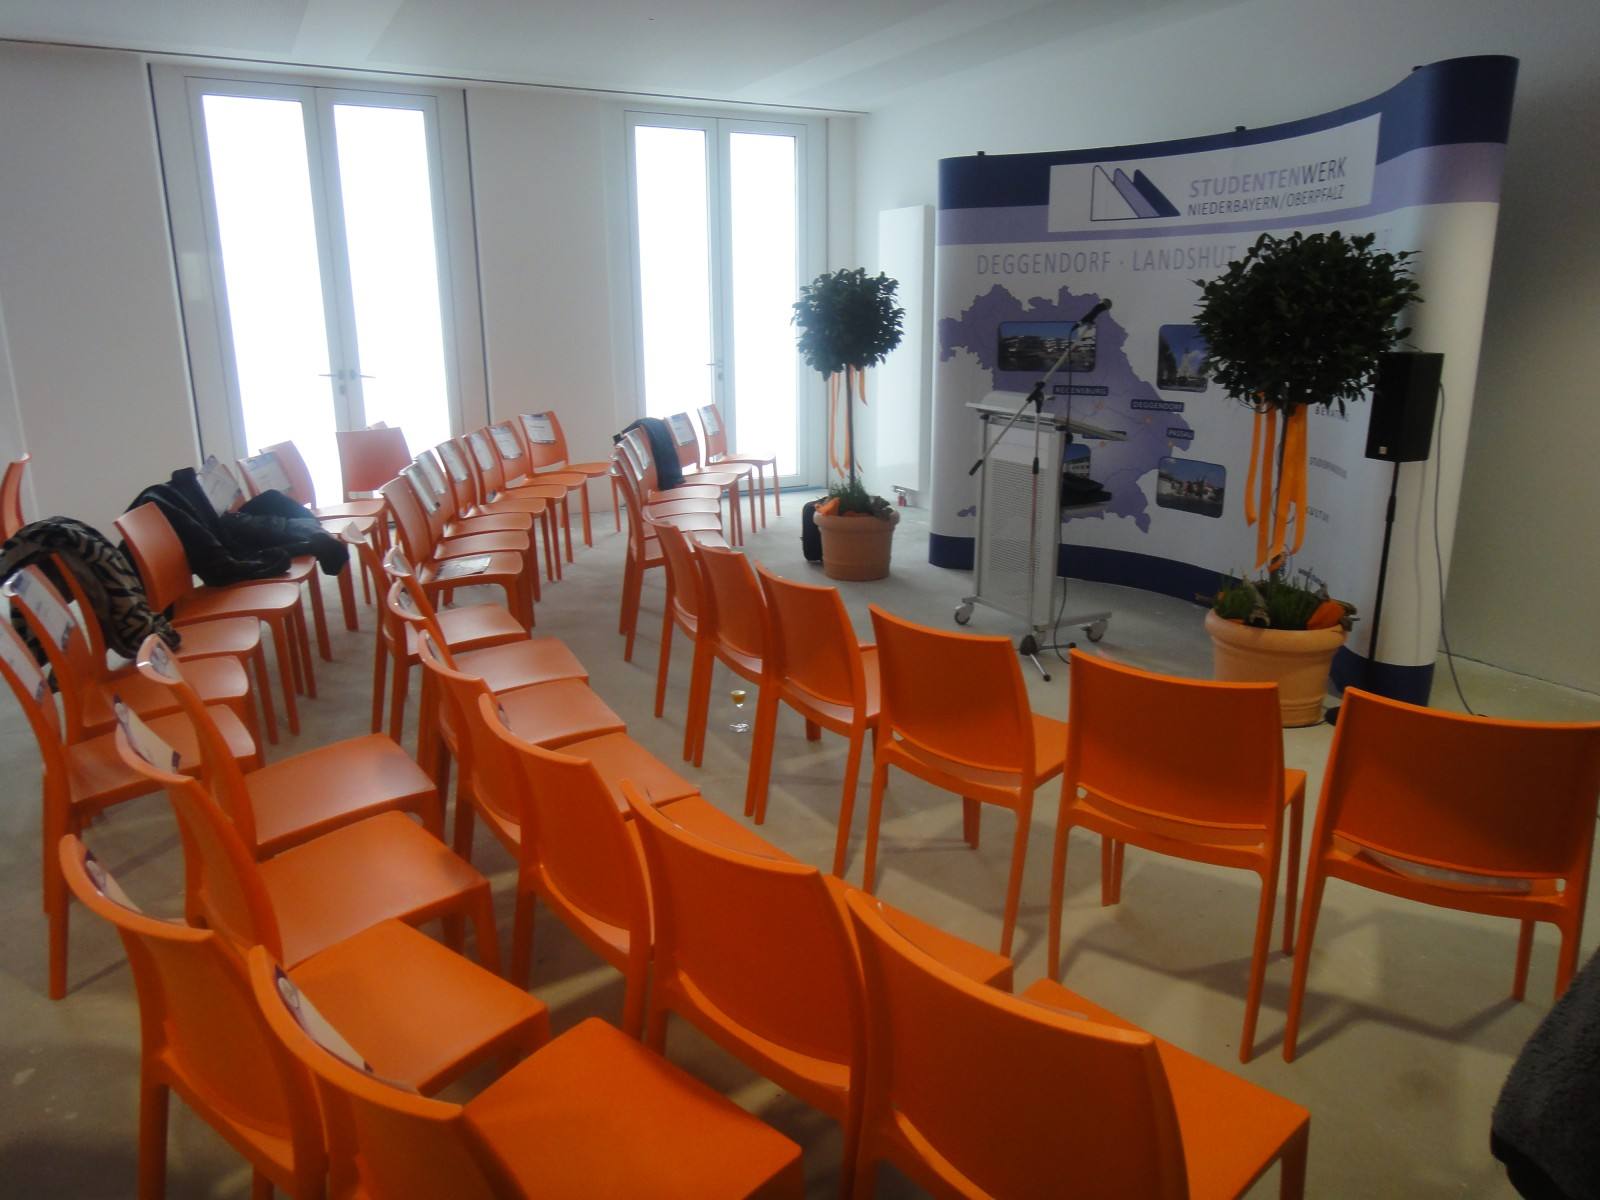 Einweihung Wohnanlage für Studierende, Landshut